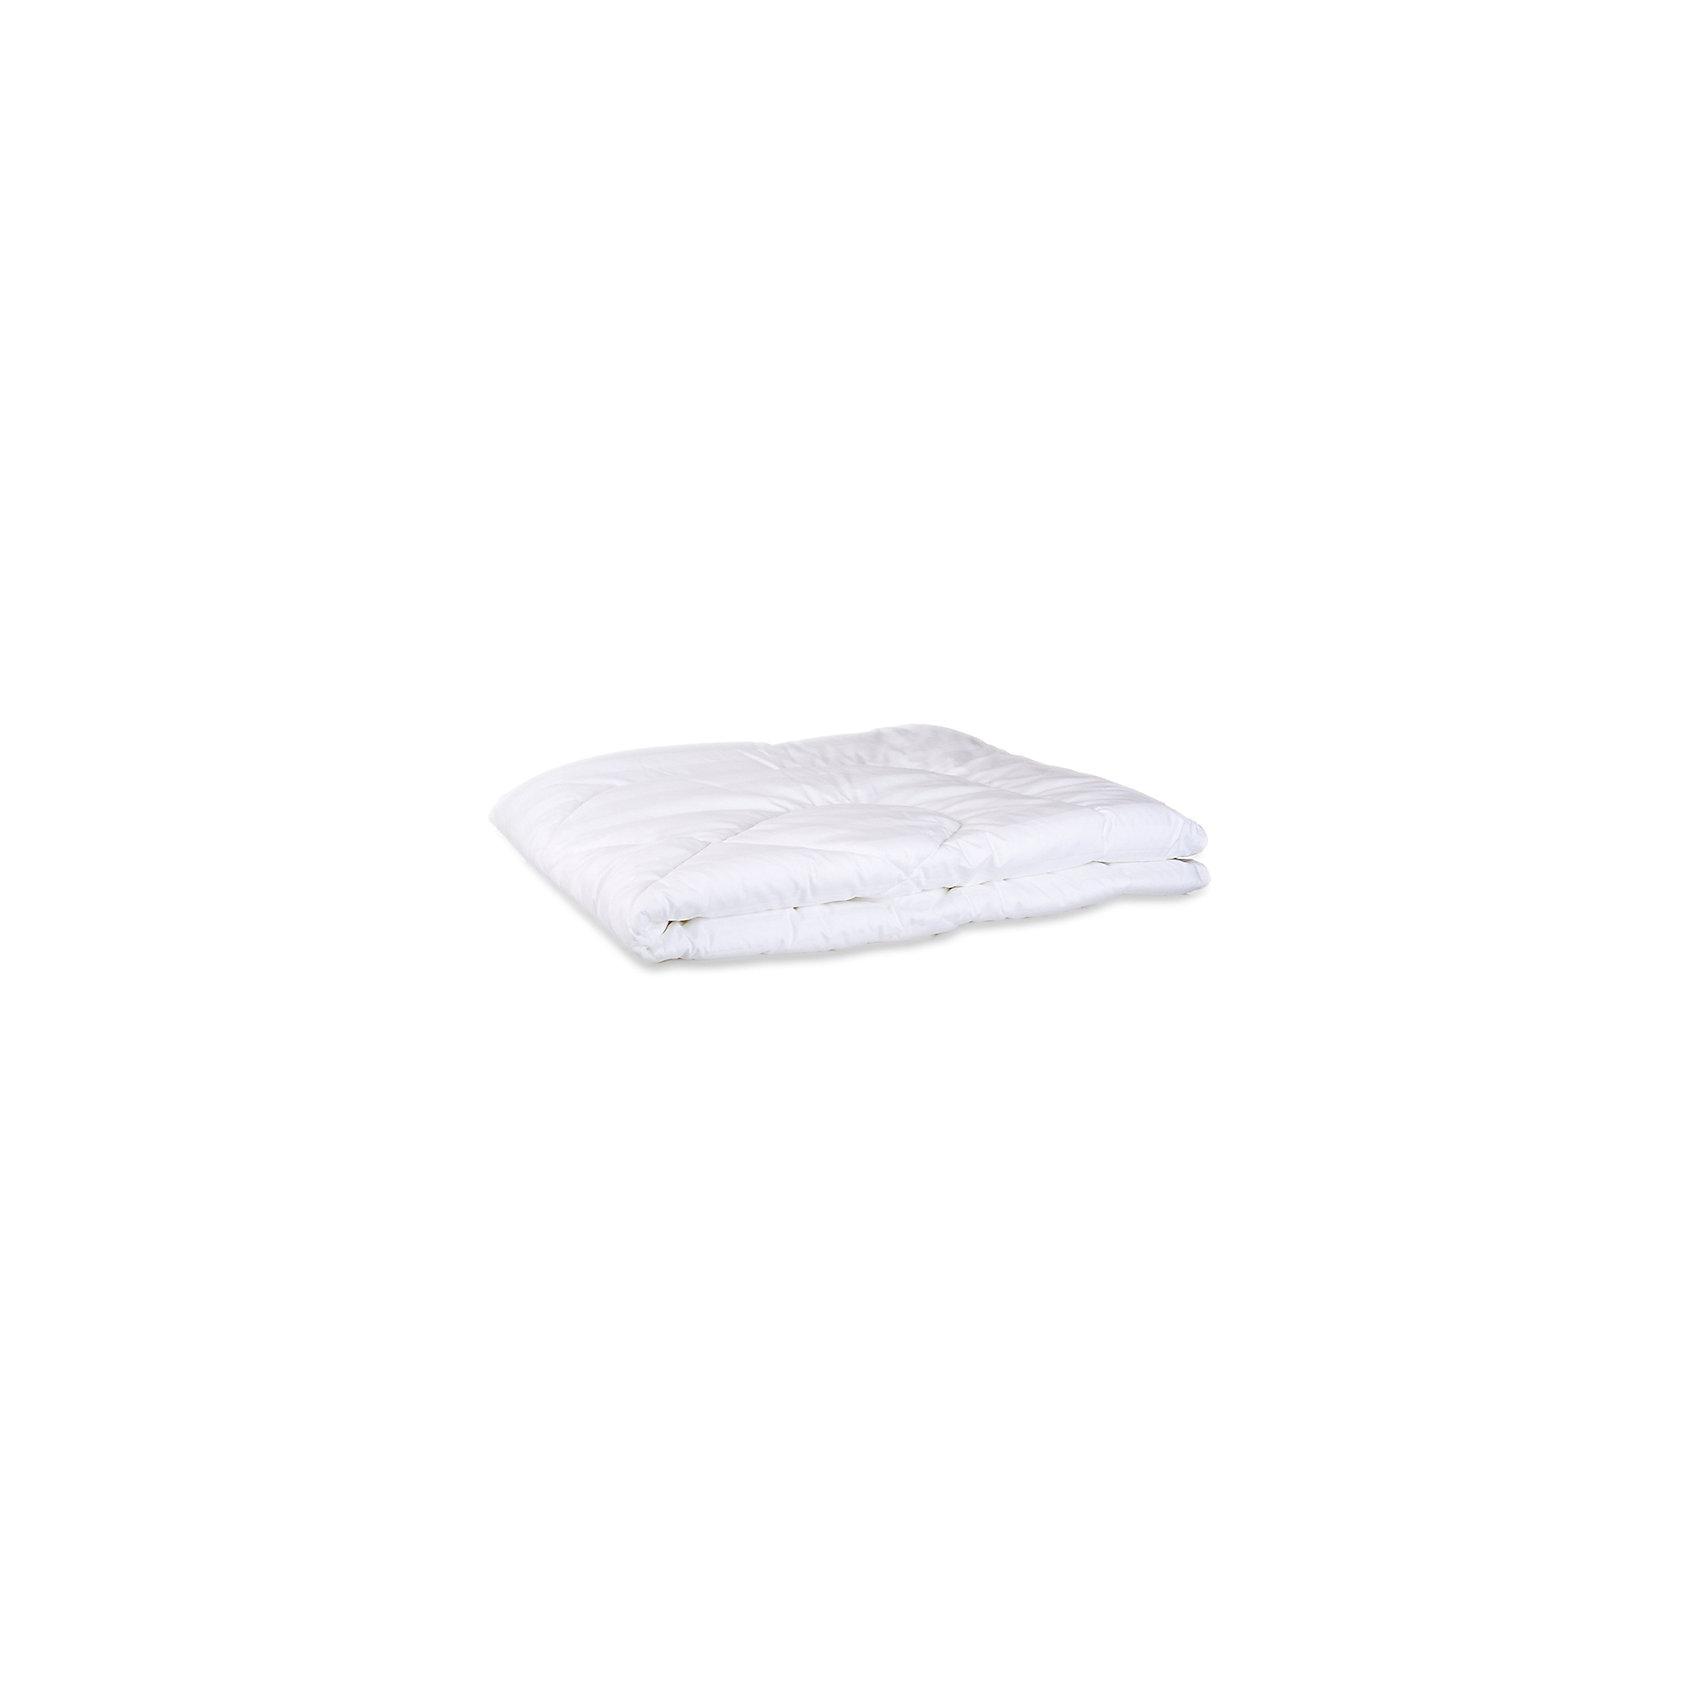 Одеяло синтепон, в чемодане, Сонный гномикОдеяло синтепон, в чемодане, Сонный гномик - это прекрасный выбор для здорового сна и отдыха.<br>Мягкое одеяло с наполнителем из синтепона подарит малышам комфортный сон и уют. Синтепон - это объемный, легкий и эластичный материал. Он безопасен для малыша и не вызывает аллергию. Основные преимущества синтепона заключаются в прекрасных теплозащитных свойствах и малом весе. Синтепон не деформируется при многократном сжатии, имеет хорошие прочностные свойства. Он влагостоек, не впитывает воду и быстро сохнет. Одеяло можно стирать как вручную, так и в стиральной машине в режиме деликатной стирки при температуре 30 градусов.<br><br>Дополнительная информация:<br><br>- Комплектация: одеяло<br>- Цвет: белый<br>- Размер: 110х140 см.<br>- Материал верха: бязь (100% хлопок)<br>- Наполнитель: синтепон (плотность 250г/кв.м)<br>- Вес: 600 гр.<br><br>Одеяло синтепон, в чемодане, Сонный гномик можно купить в нашем интернет-магазине.<br><br>Ширина мм: 530<br>Глубина мм: 90<br>Высота мм: 350<br>Вес г: 930<br>Возраст от месяцев: 0<br>Возраст до месяцев: 48<br>Пол: Унисекс<br>Возраст: Детский<br>SKU: 4924461